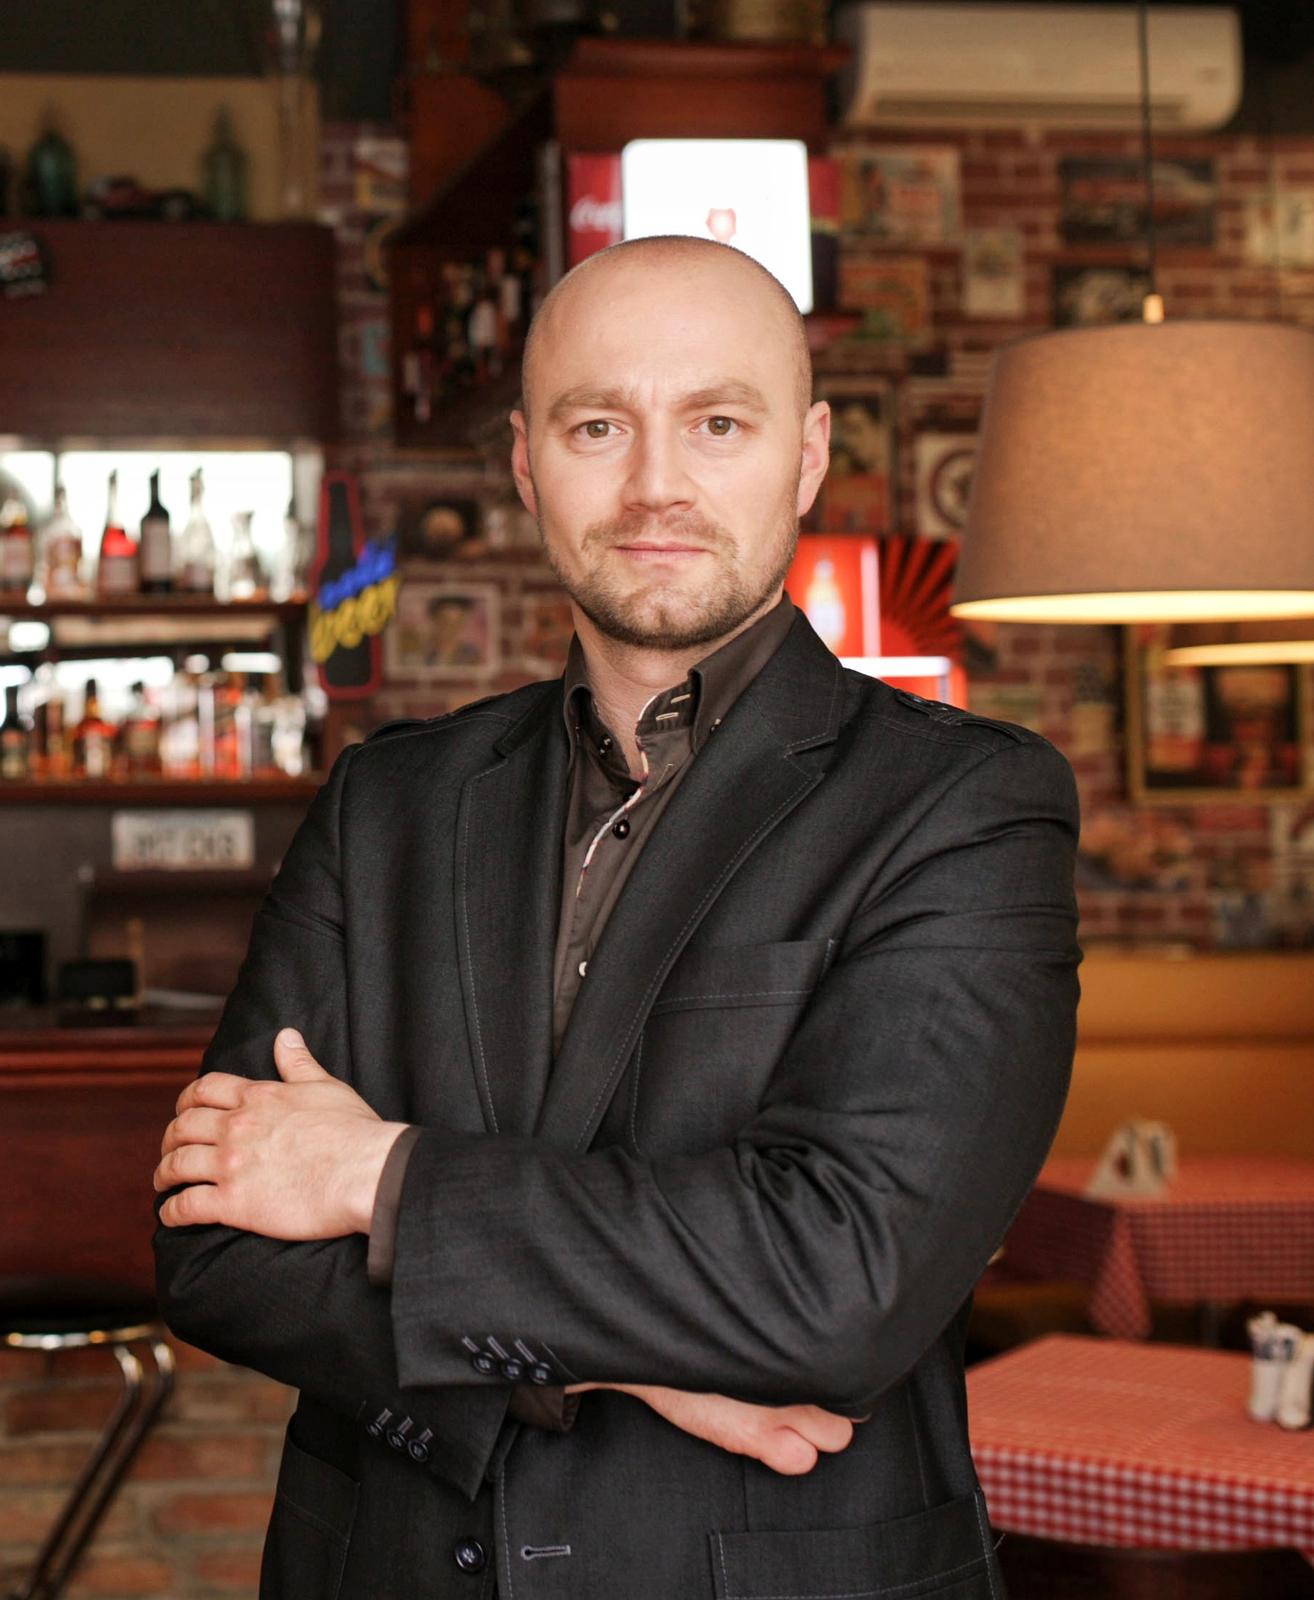 Łukasz Błażejewski, dyrektor ds. franczyzy 7 Street oraz Meat & Fit